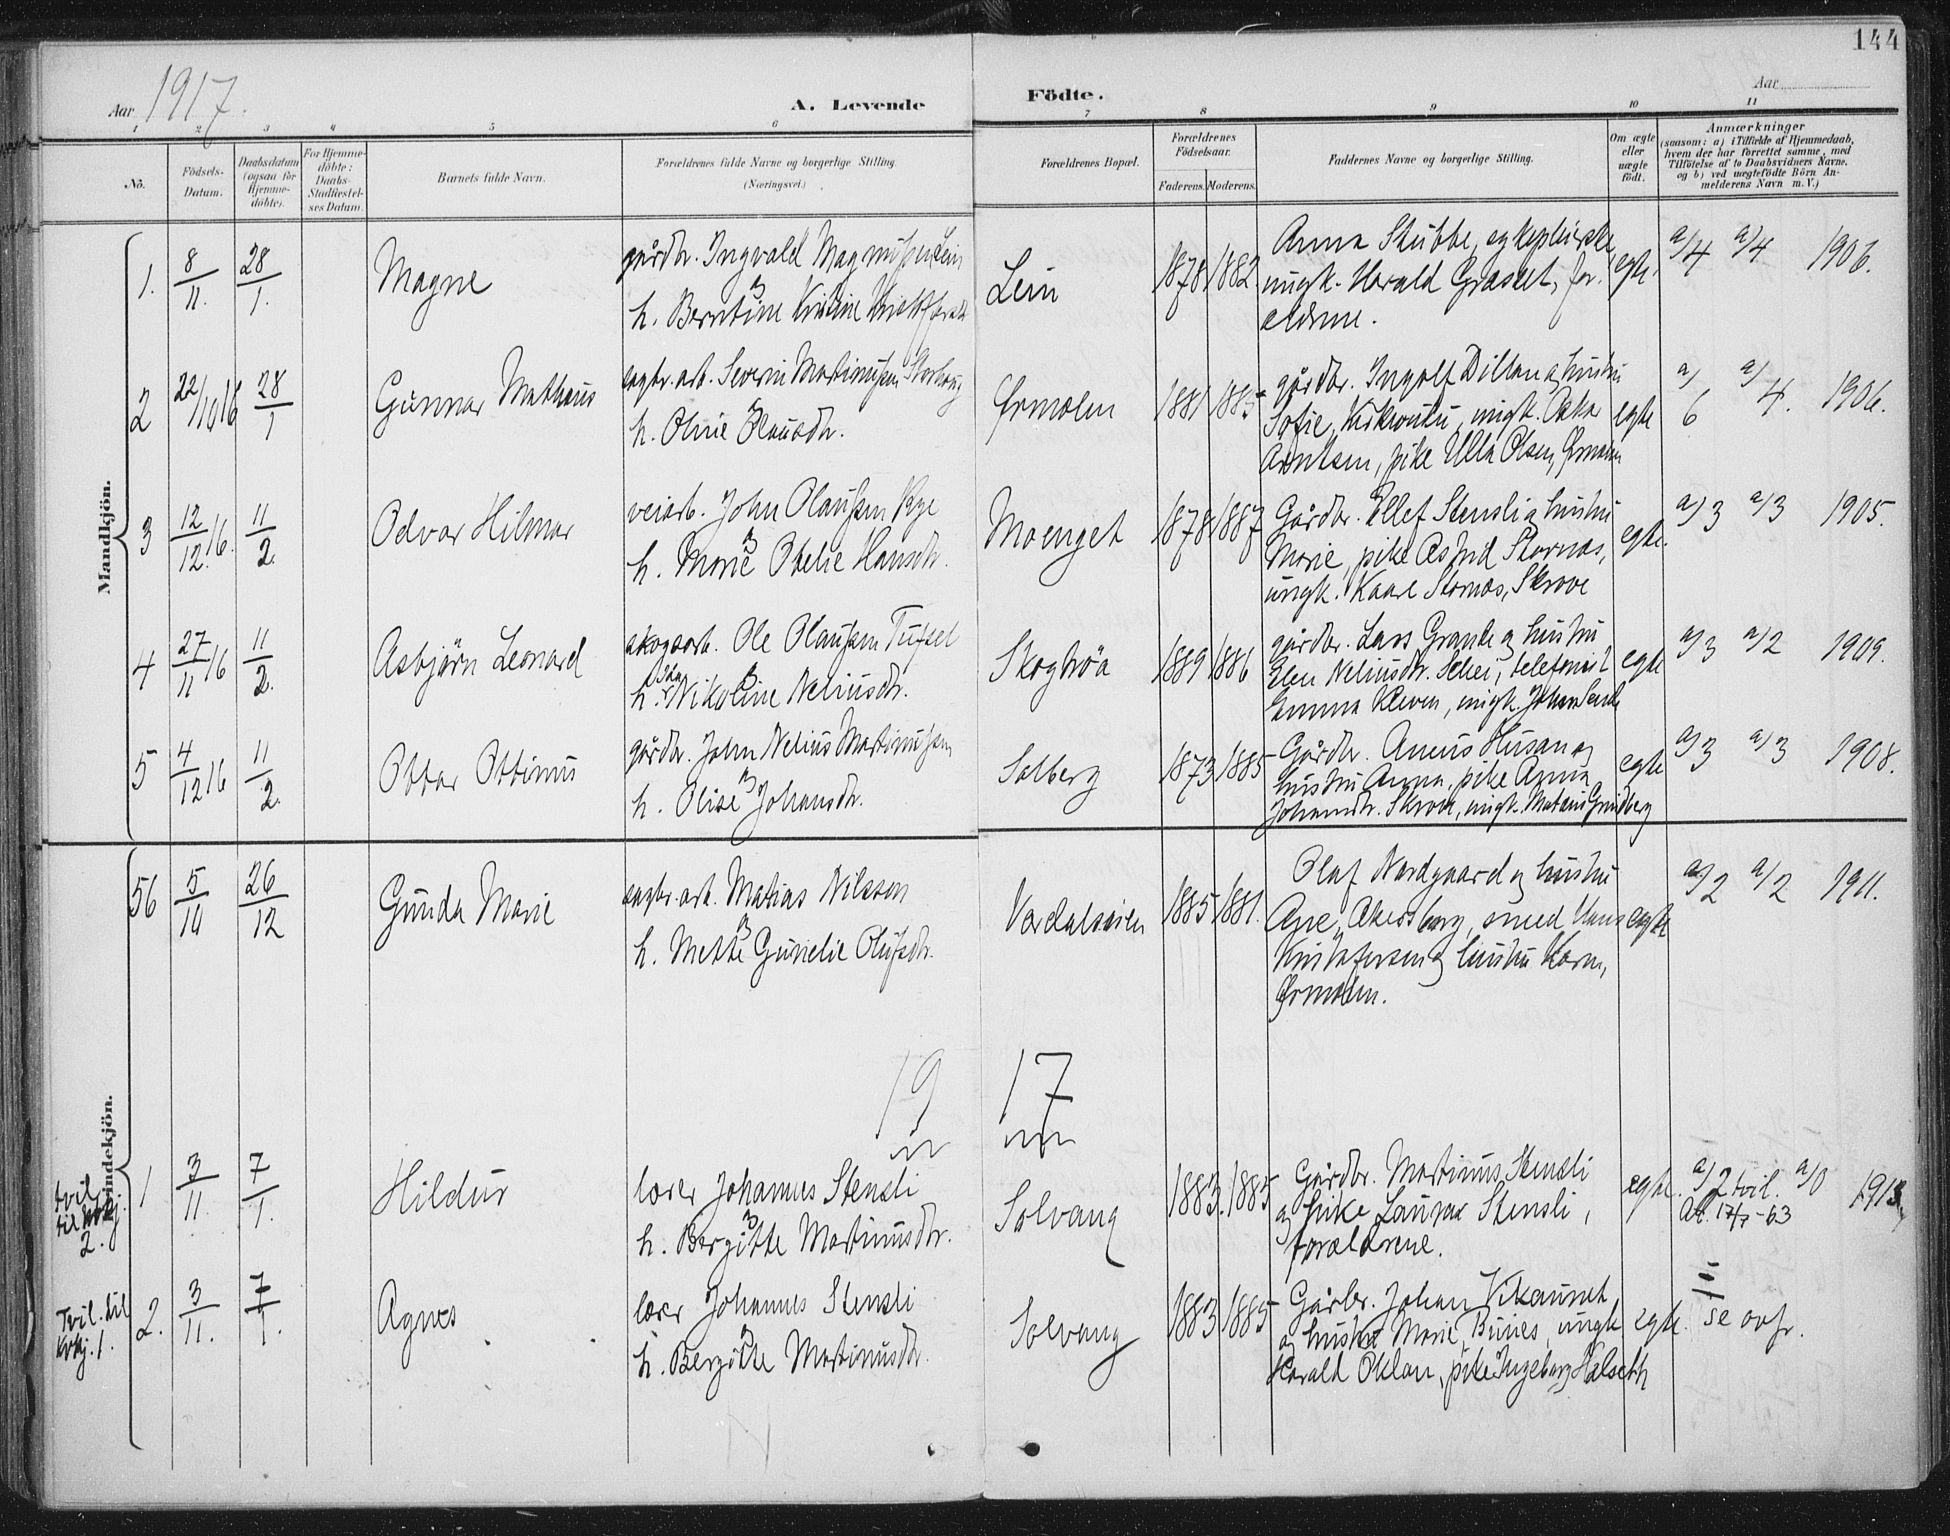 SAT, Ministerialprotokoller, klokkerbøker og fødselsregistre - Nord-Trøndelag, 723/L0246: Ministerialbok nr. 723A15, 1900-1917, s. 144